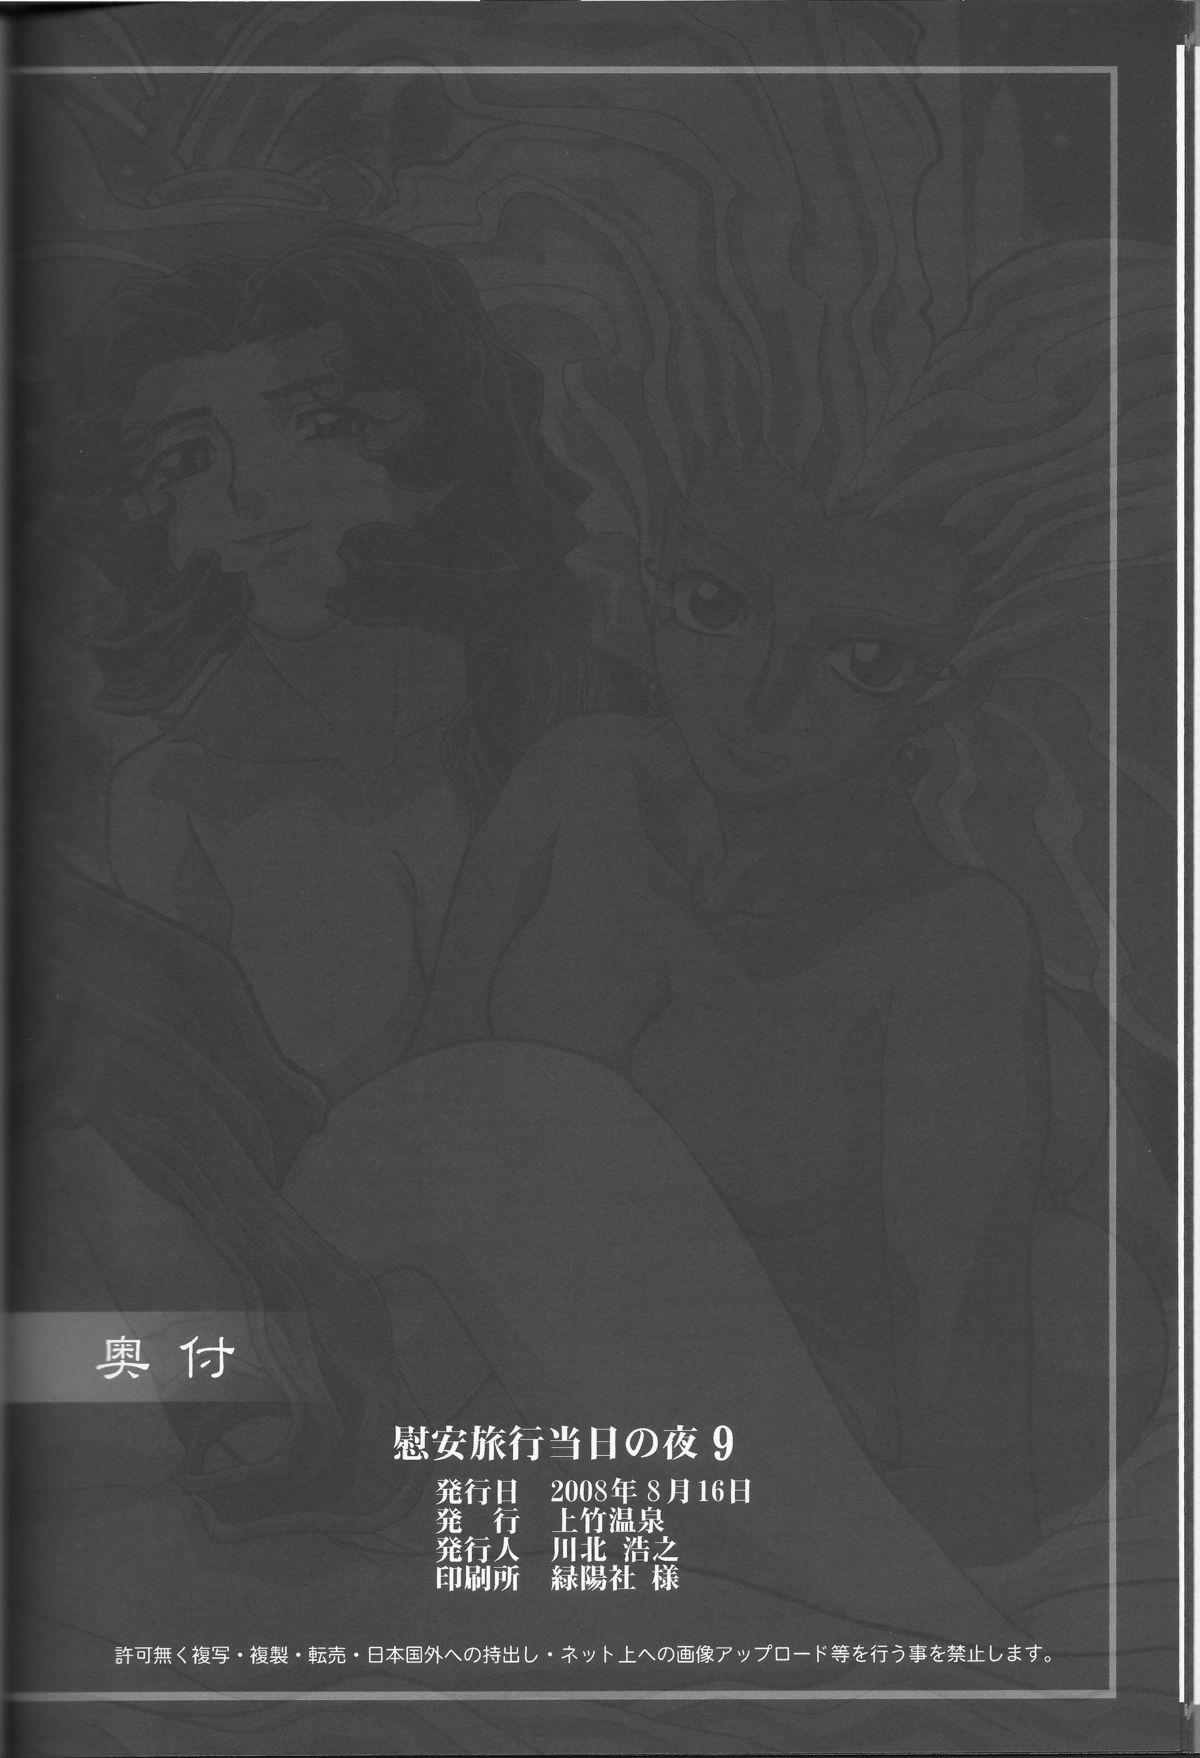 Ianryokou Toujitsu No Yoru 9 43